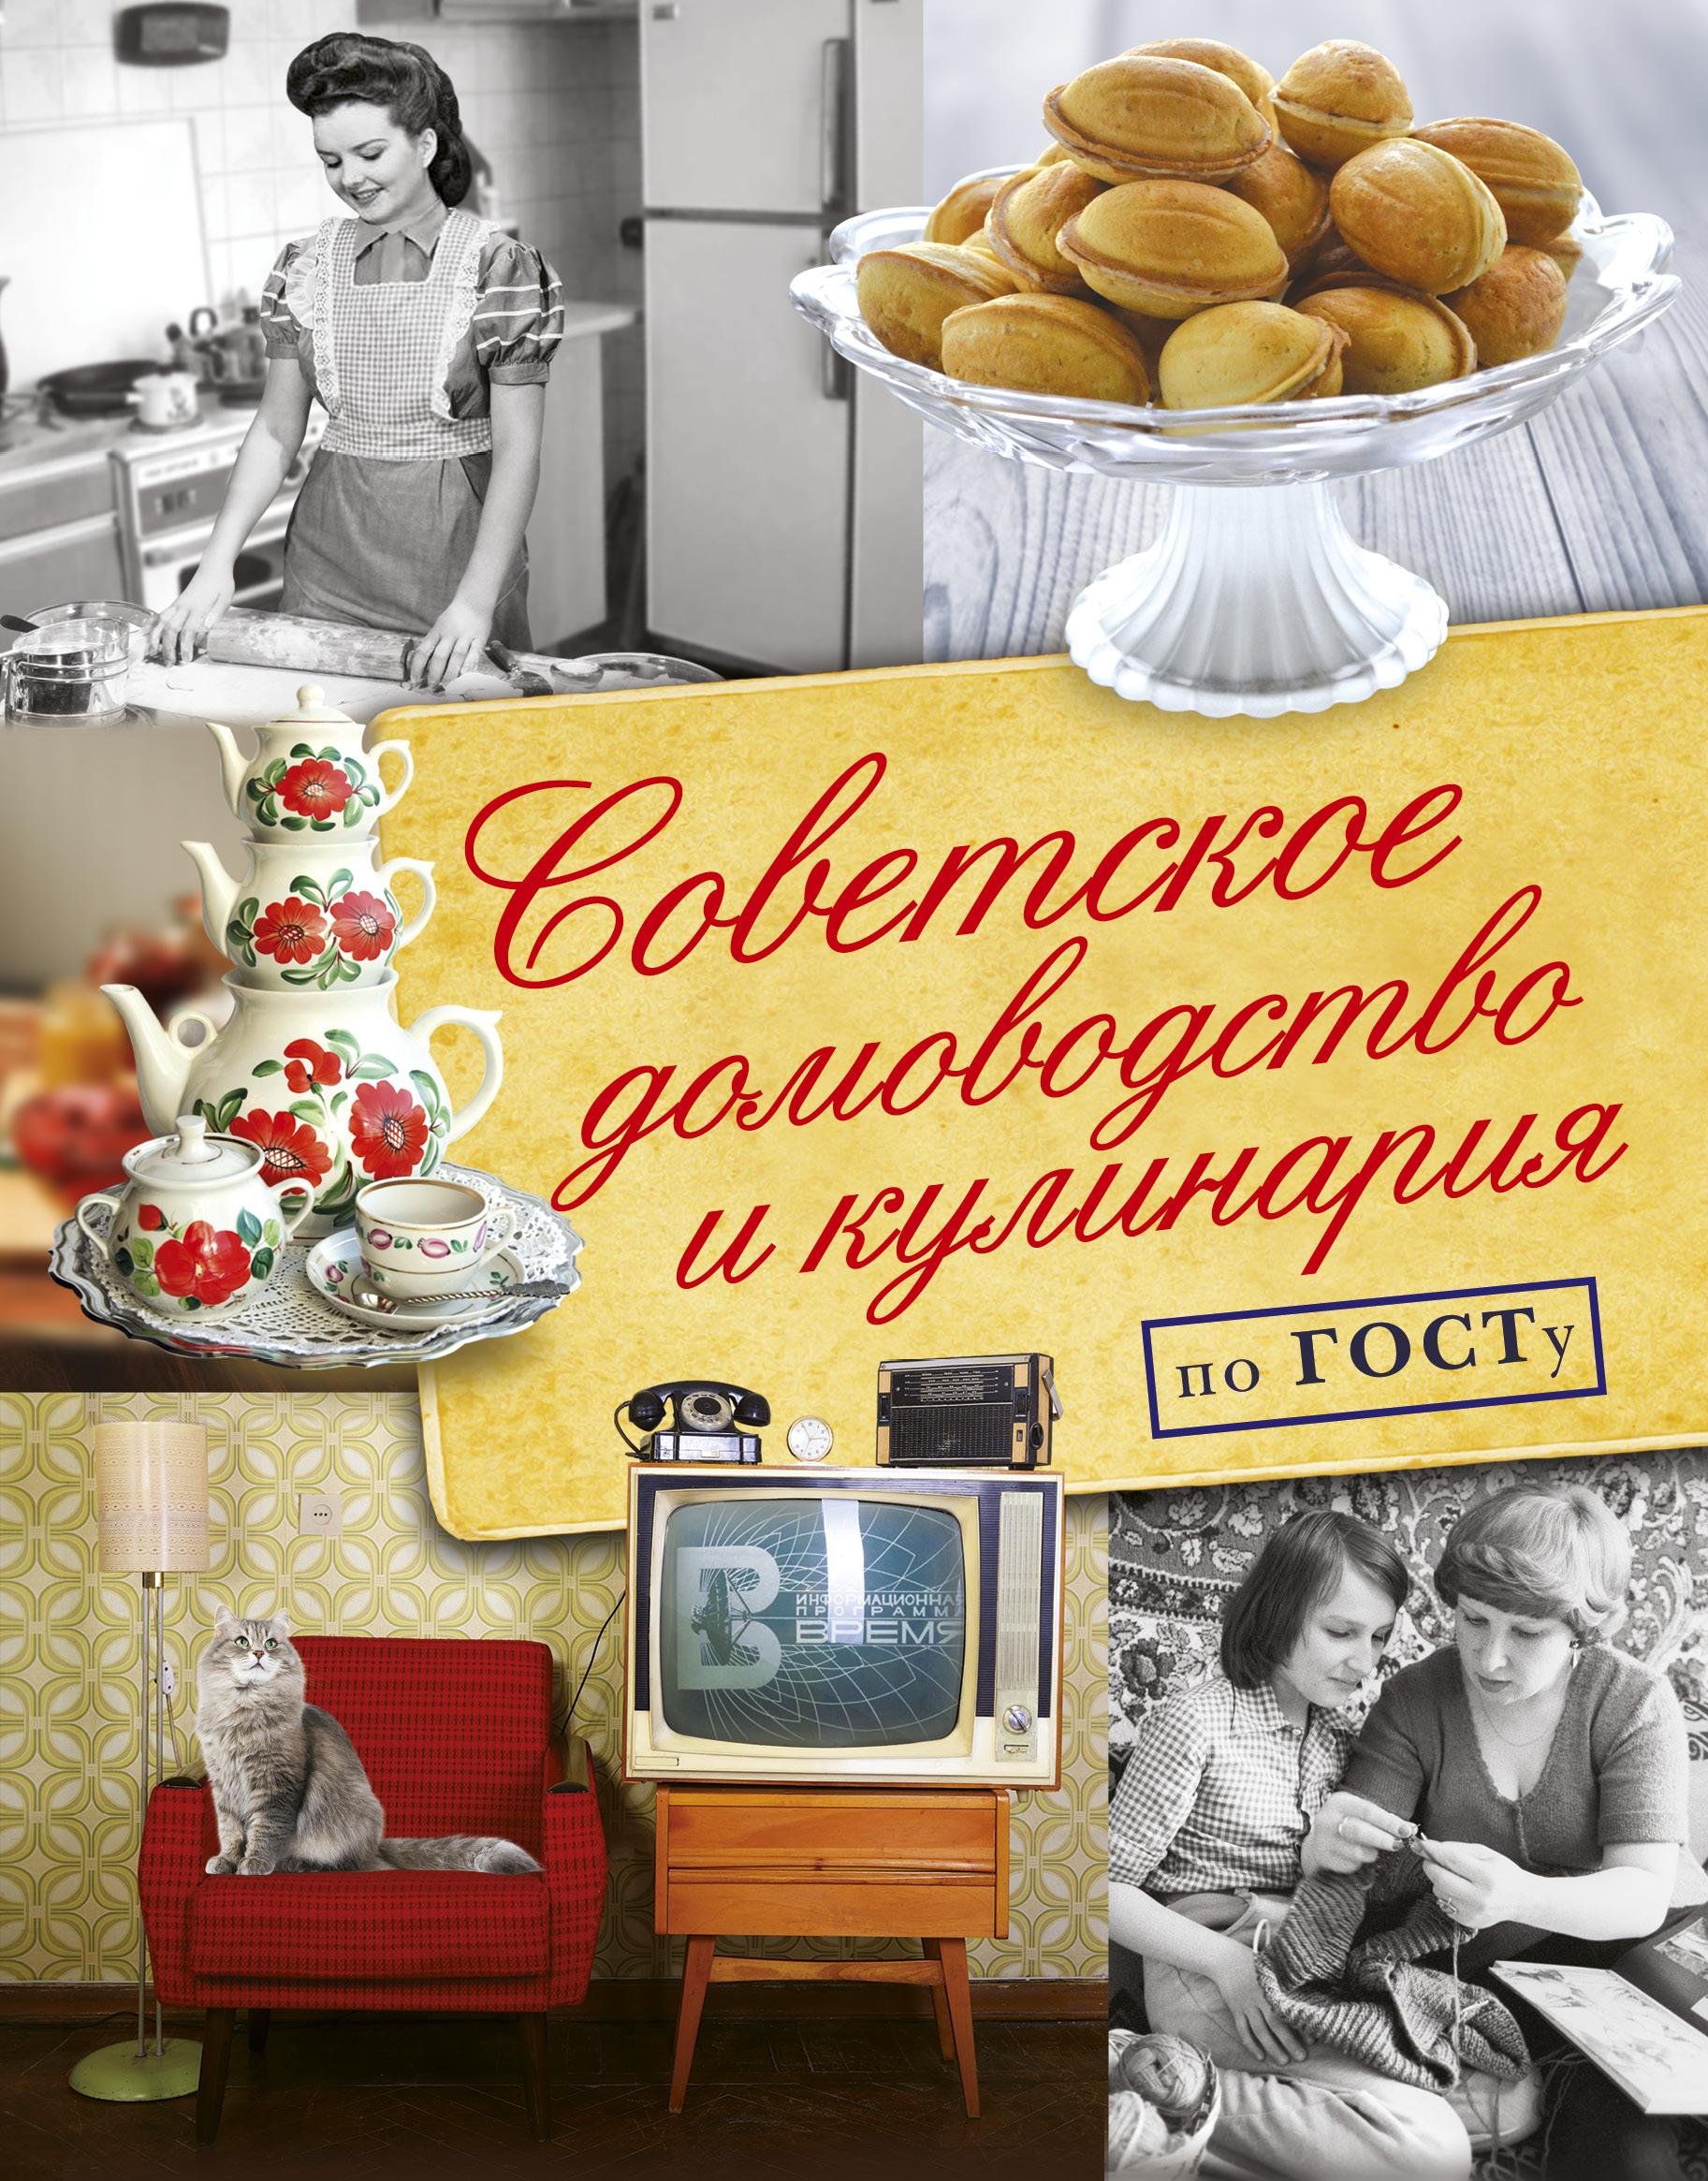 Полетаева Н. В. Советское домоводство и кулинария по ГОСТу